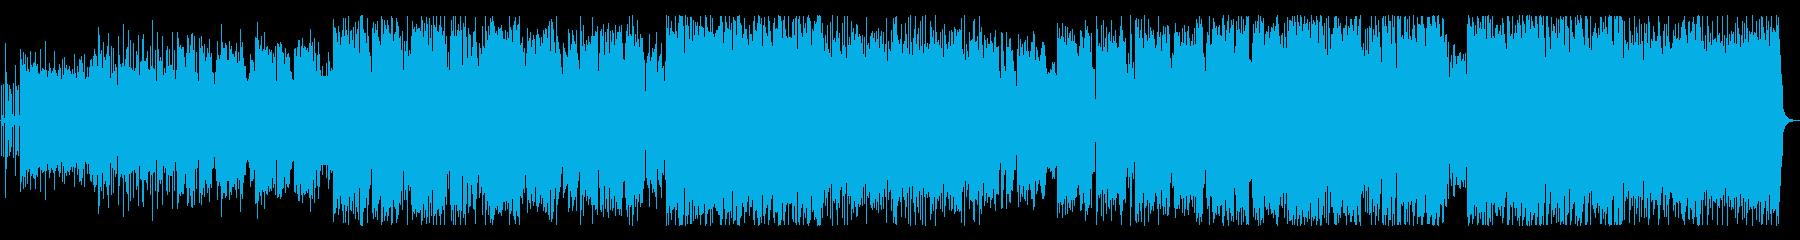 切ない雰囲気のロックバラードの再生済みの波形